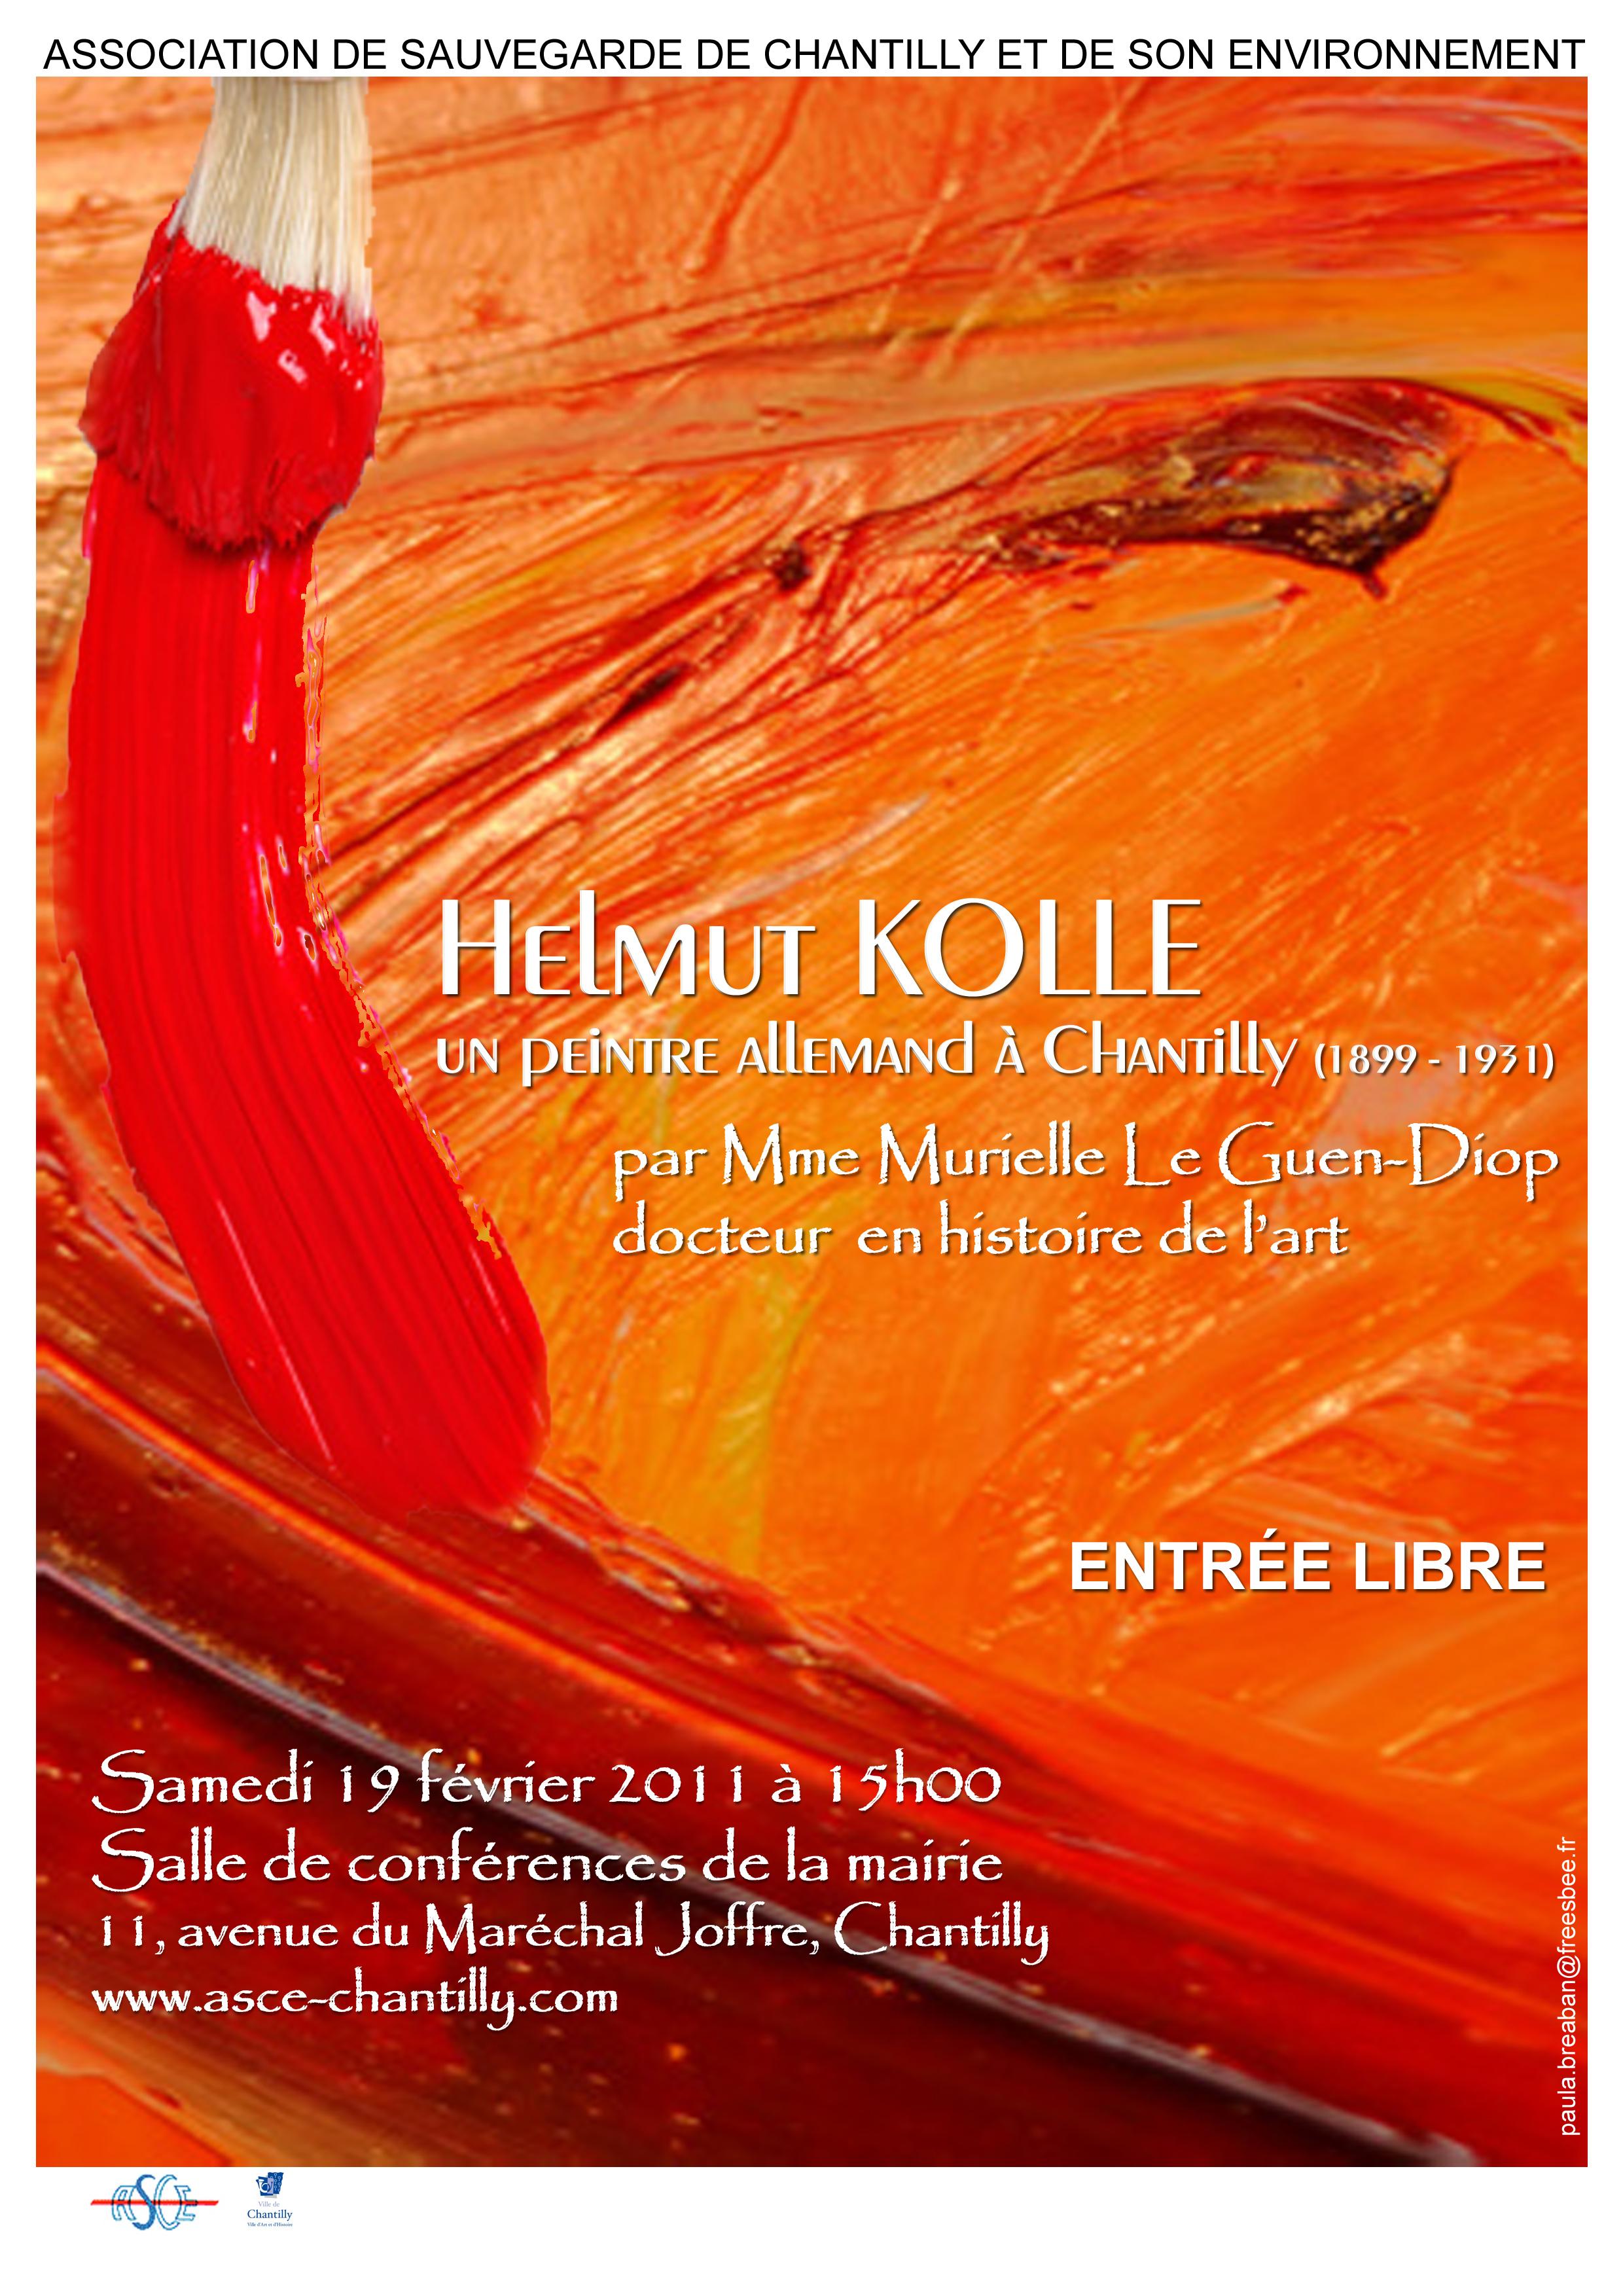 Helmut Kolle